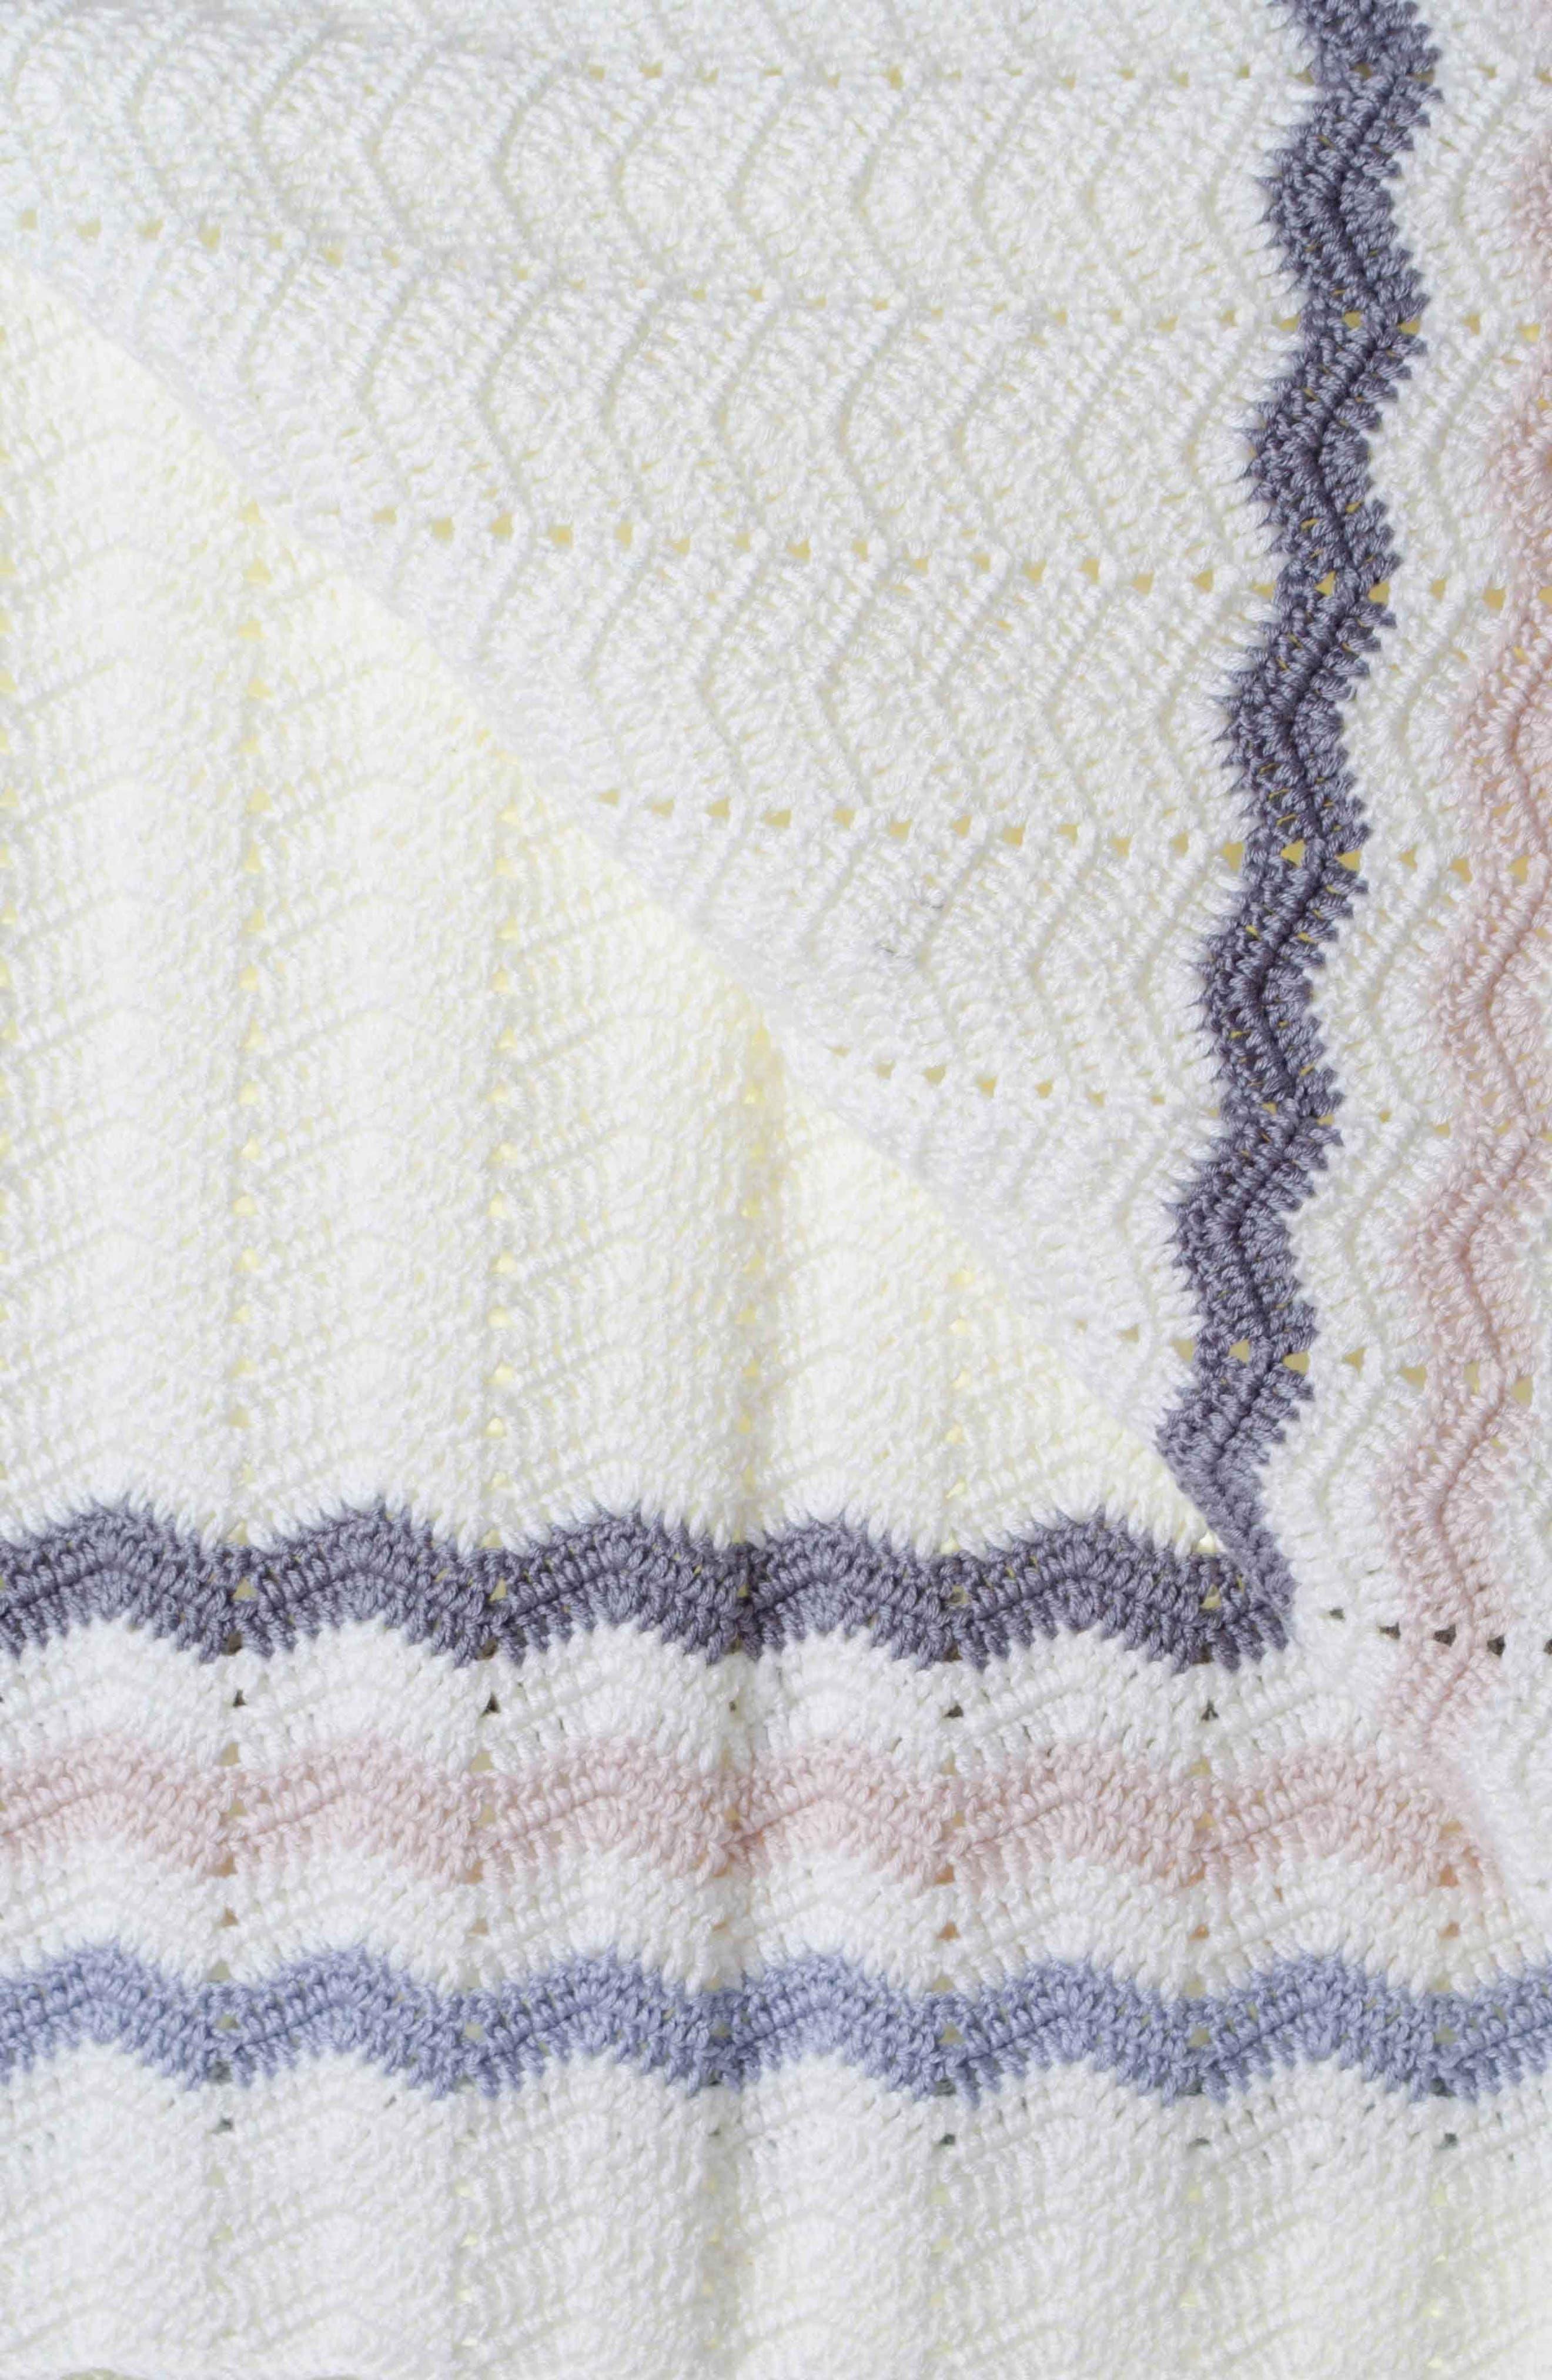 Ripple Crocheted Blanket,                             Alternate thumbnail 4, color,                             Blue